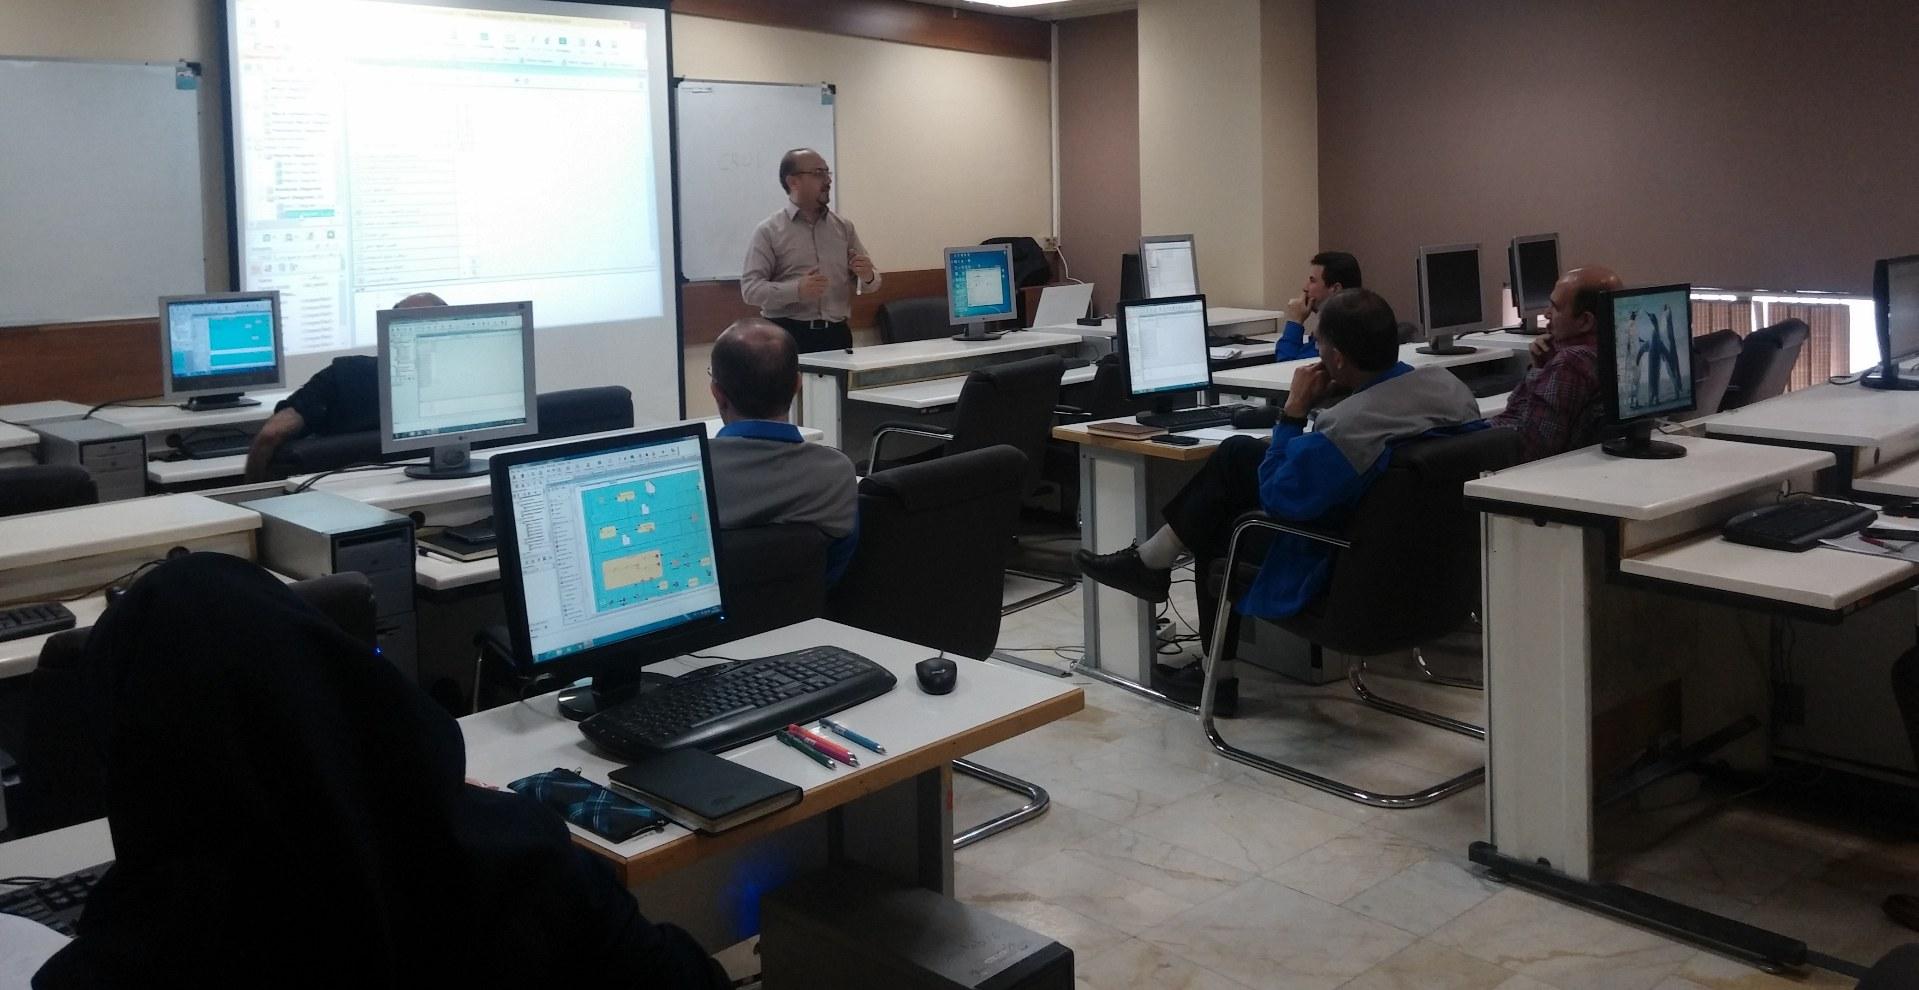 ساپکو-مهرماه 1395-کارگاه مدلسازی فرآیندهای سازمان-BPMN2